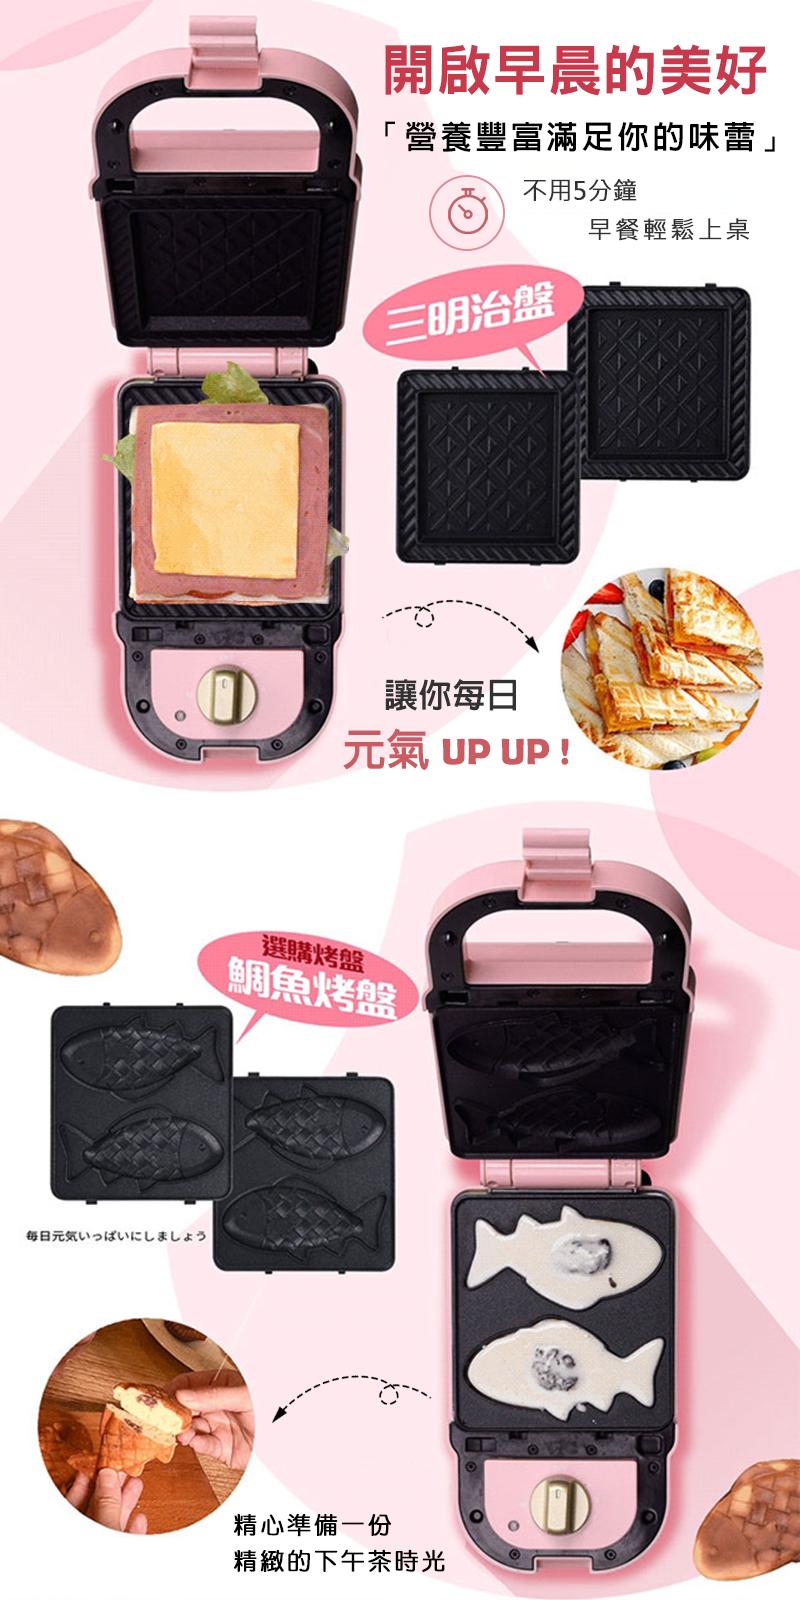 【富力森熱壓三明治點心機單盤】吐司機 鯛魚燒機 鬆餅機 蛋糕機 烤麵包機 熱壓吐司機【AB436】樂天雙11 4